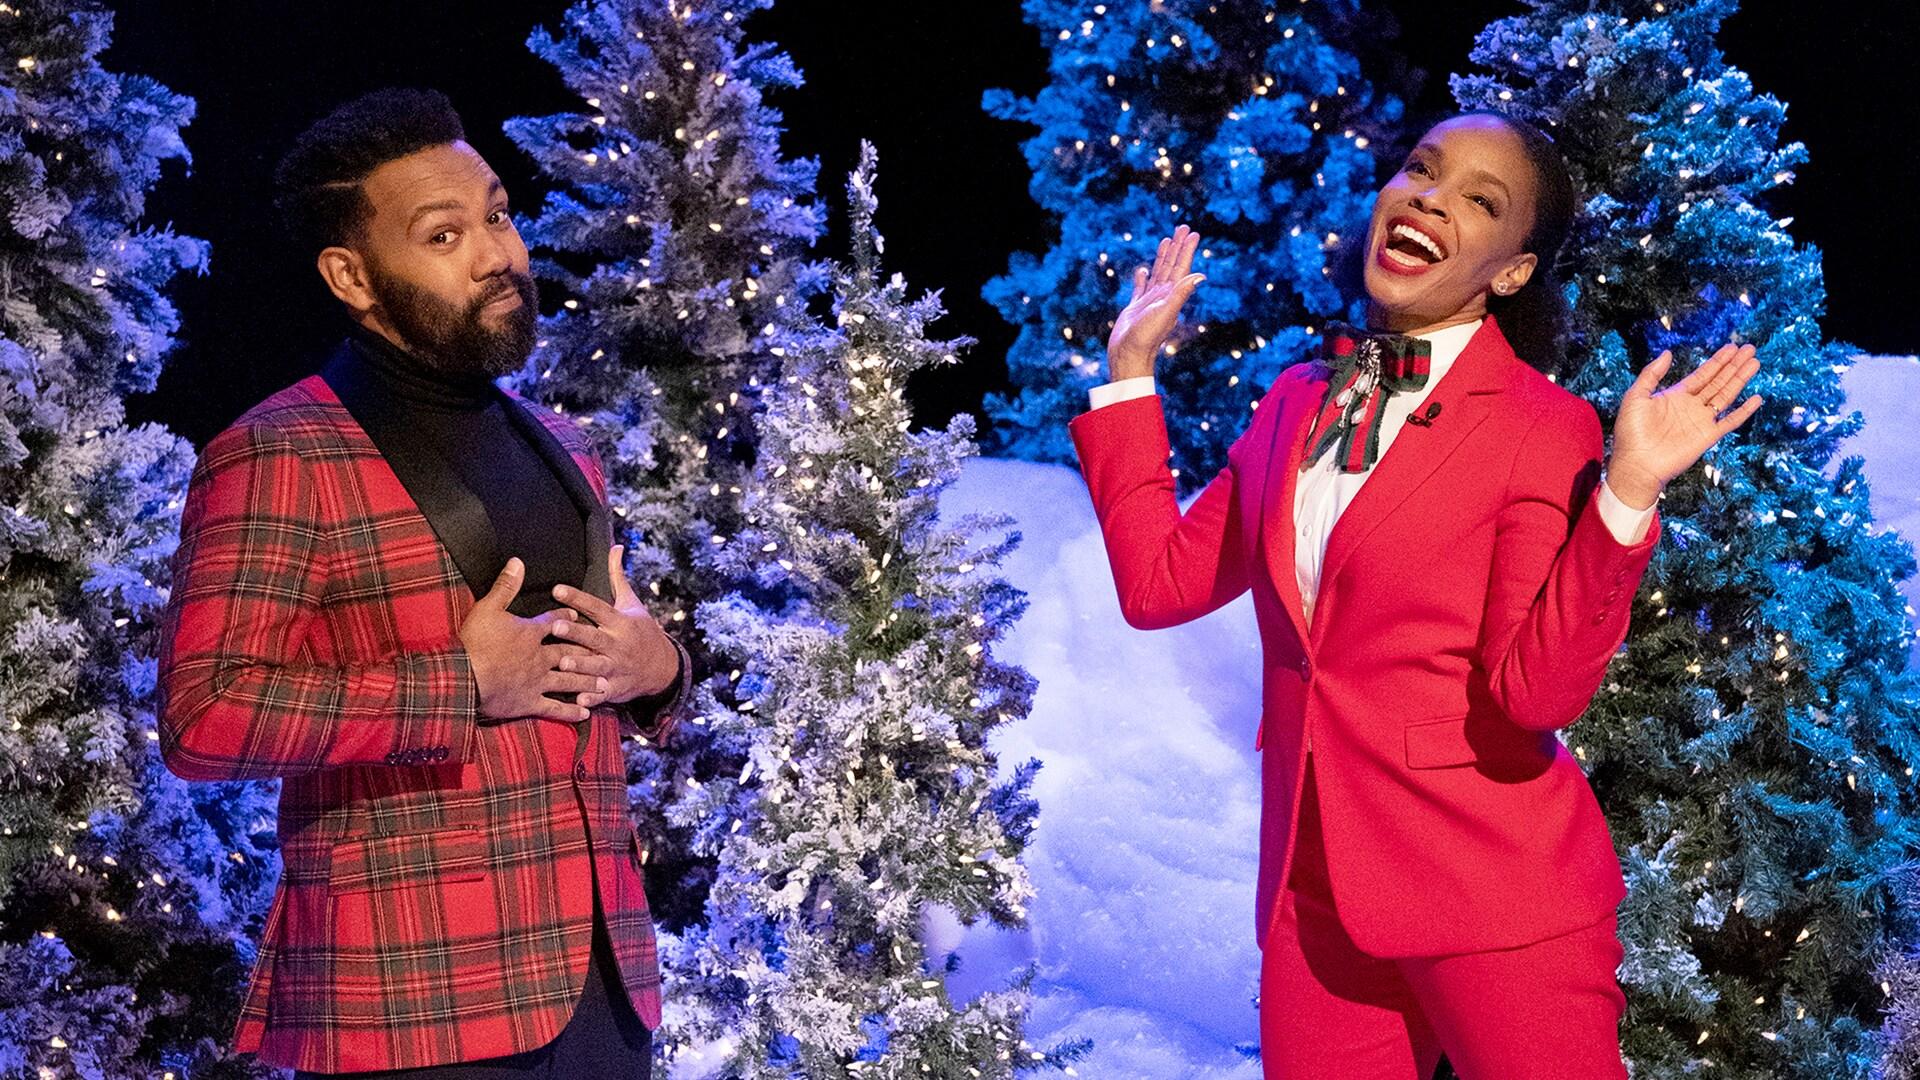 December 18, 2020: Holiday Extravaganza